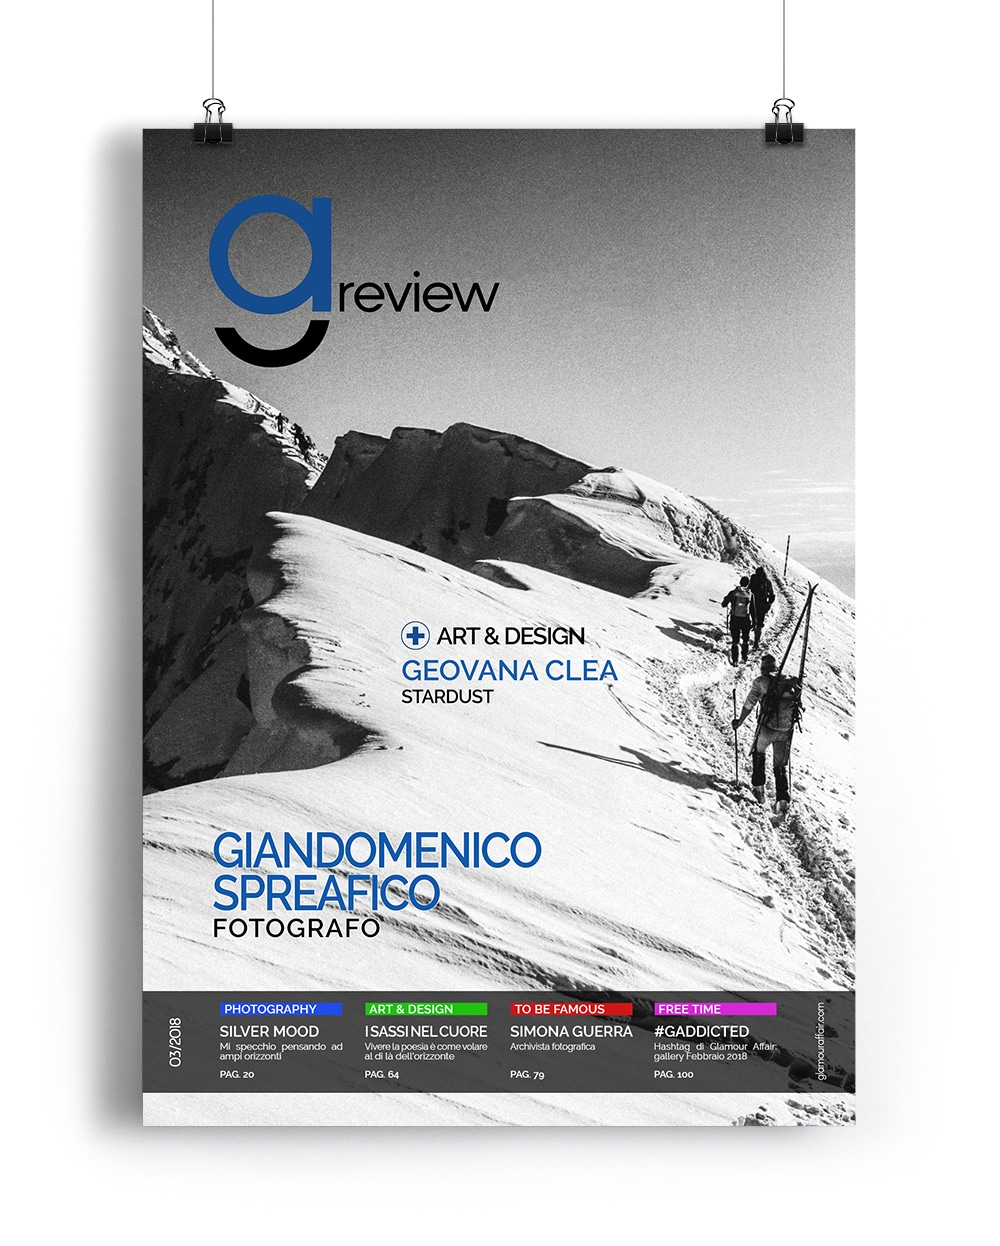 Copertina GAreview di Marzo, magazine fotografico online di glamouraffair.com